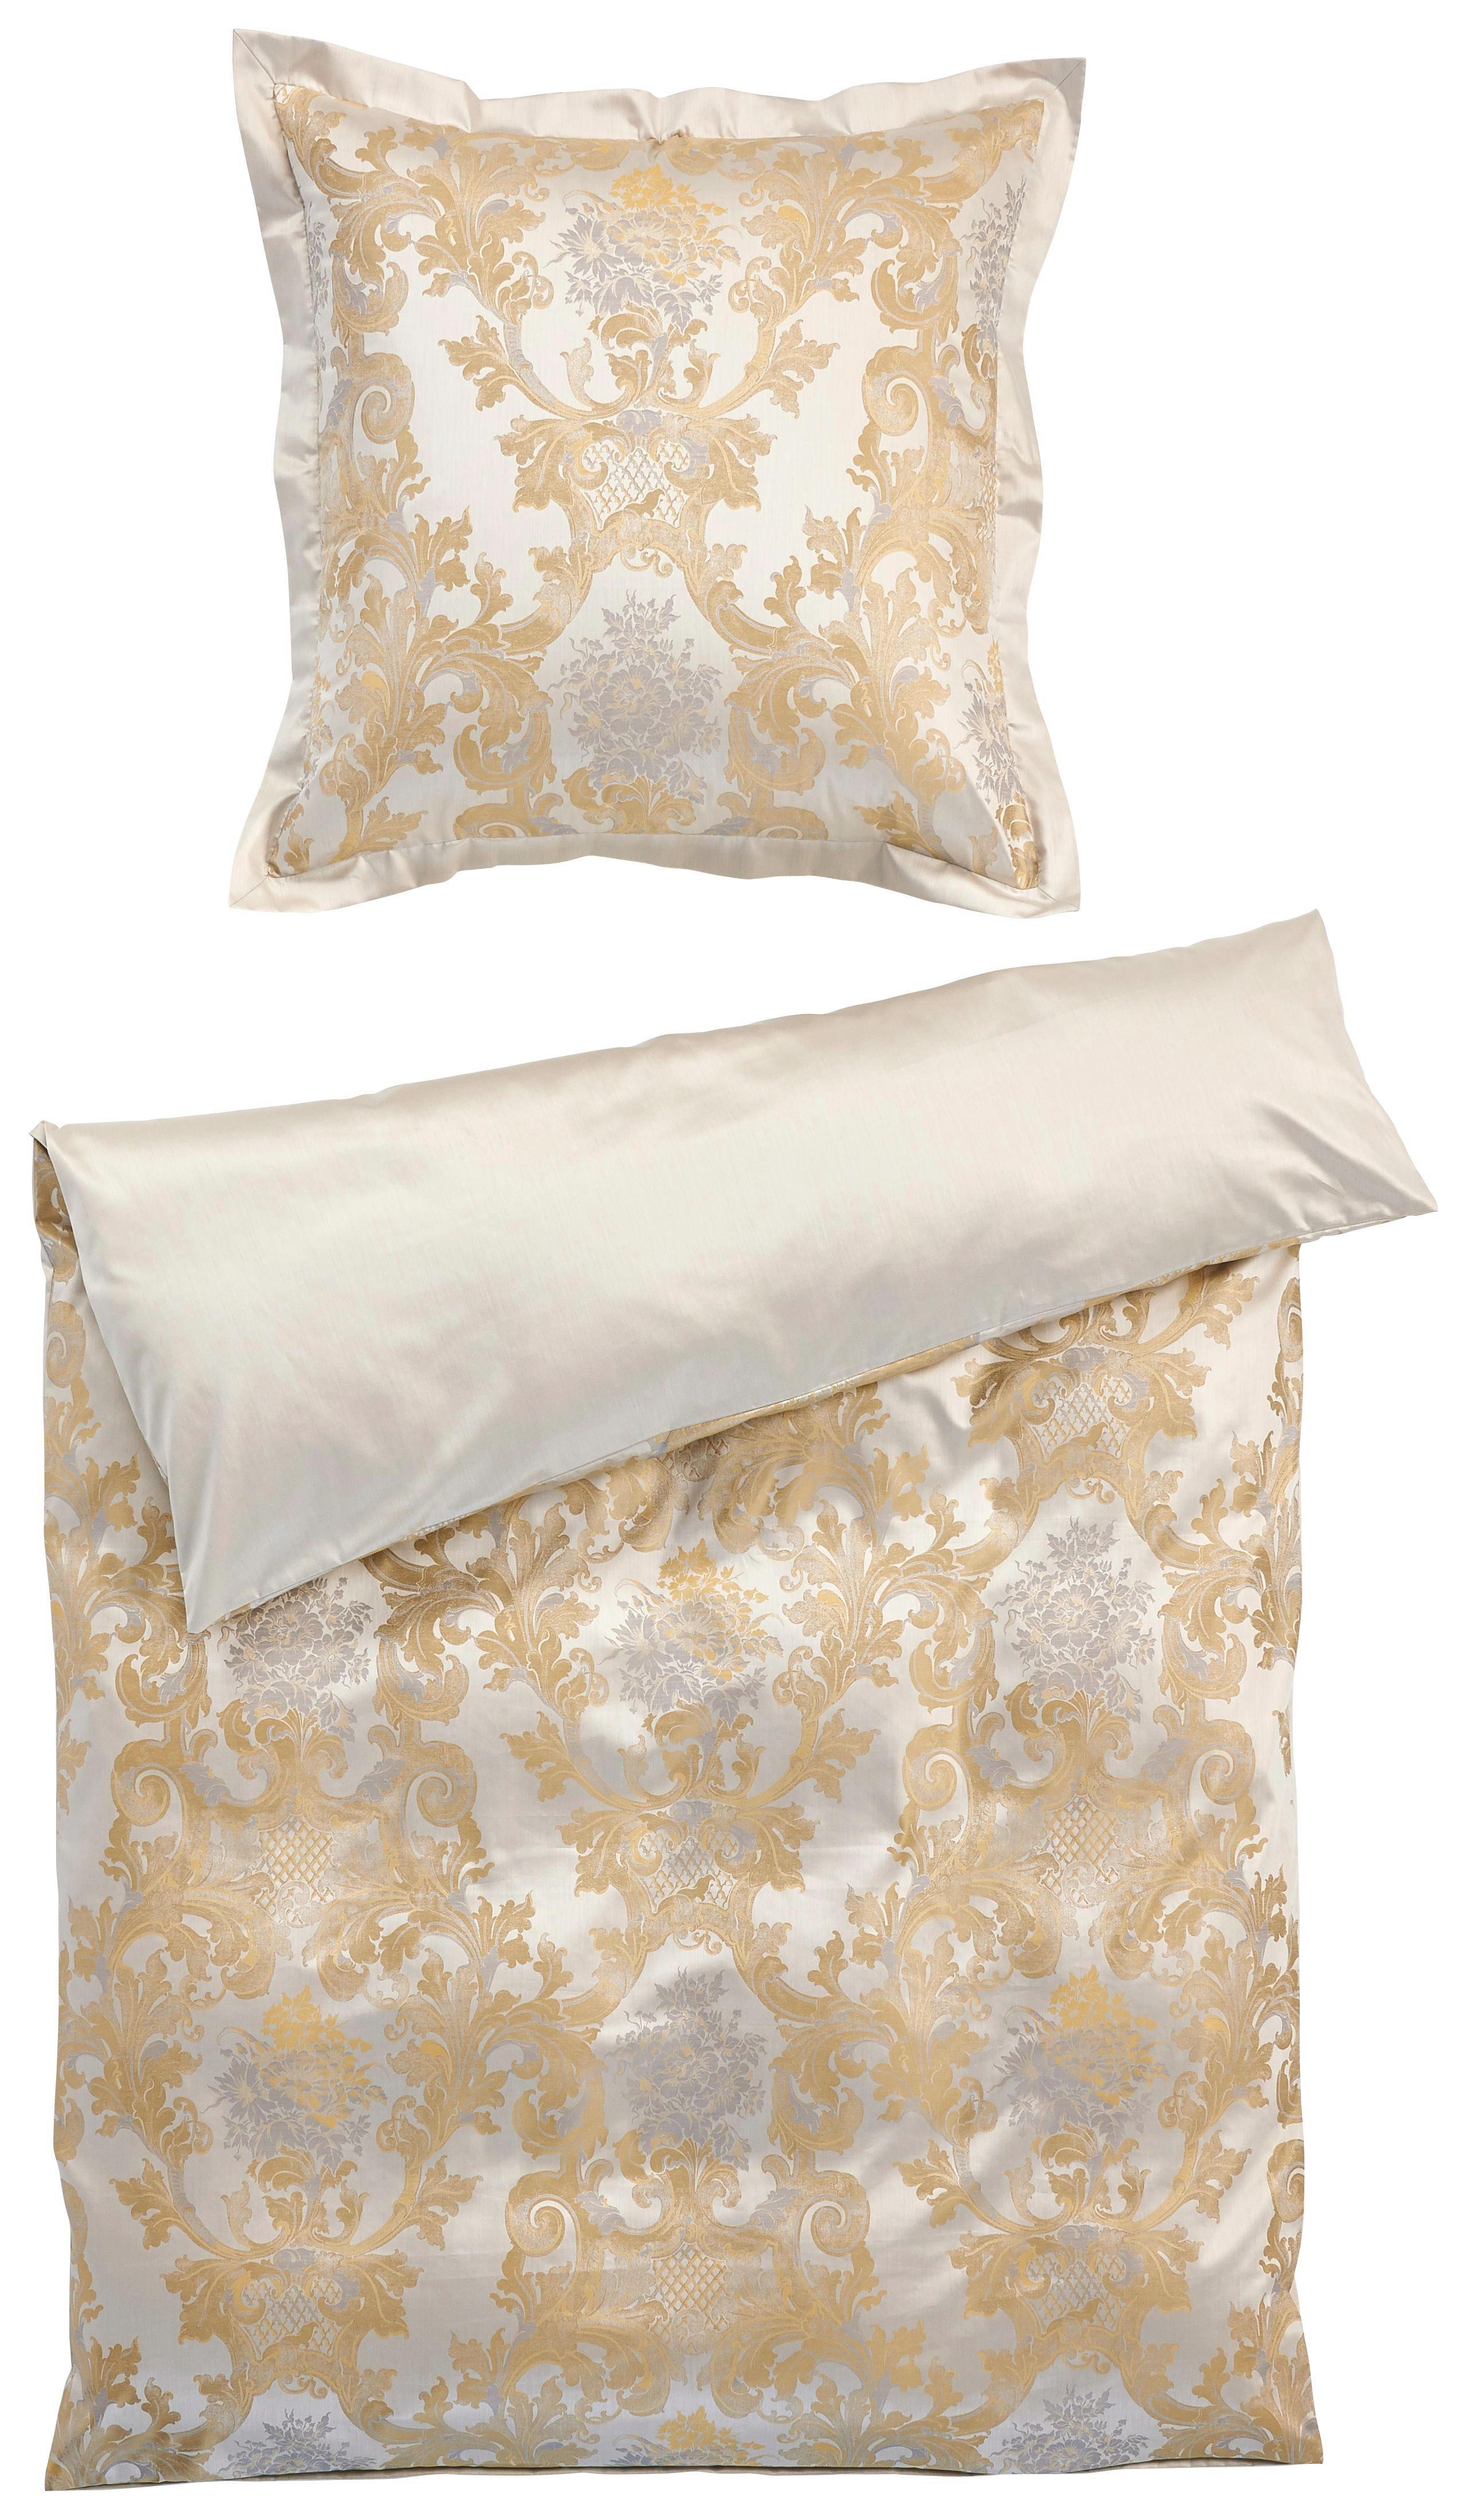 BETTWÄSCHE Goldfarben 135/200 cm - Goldfarben, Textil (135/200cm)